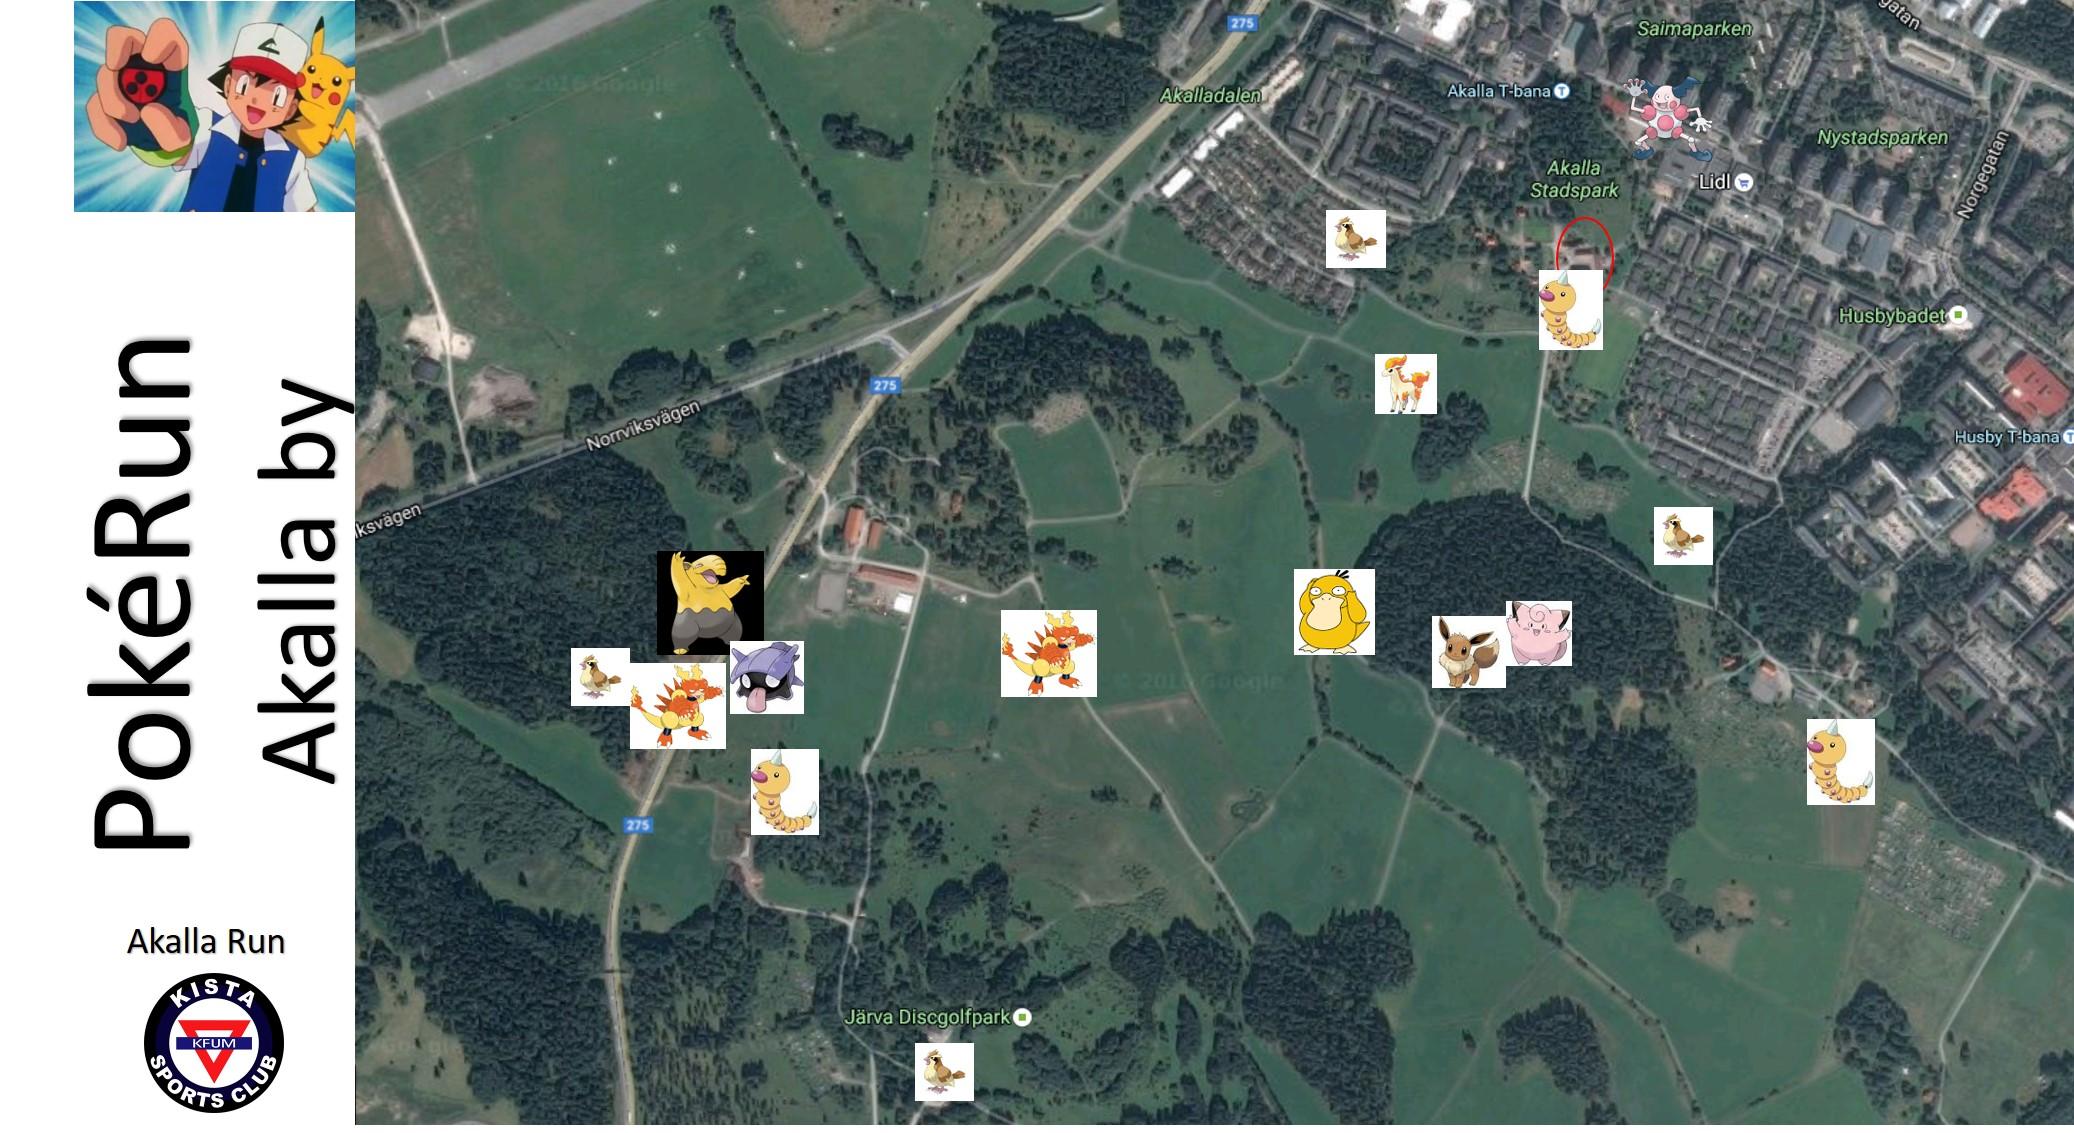 PokeRun-karta Akalla